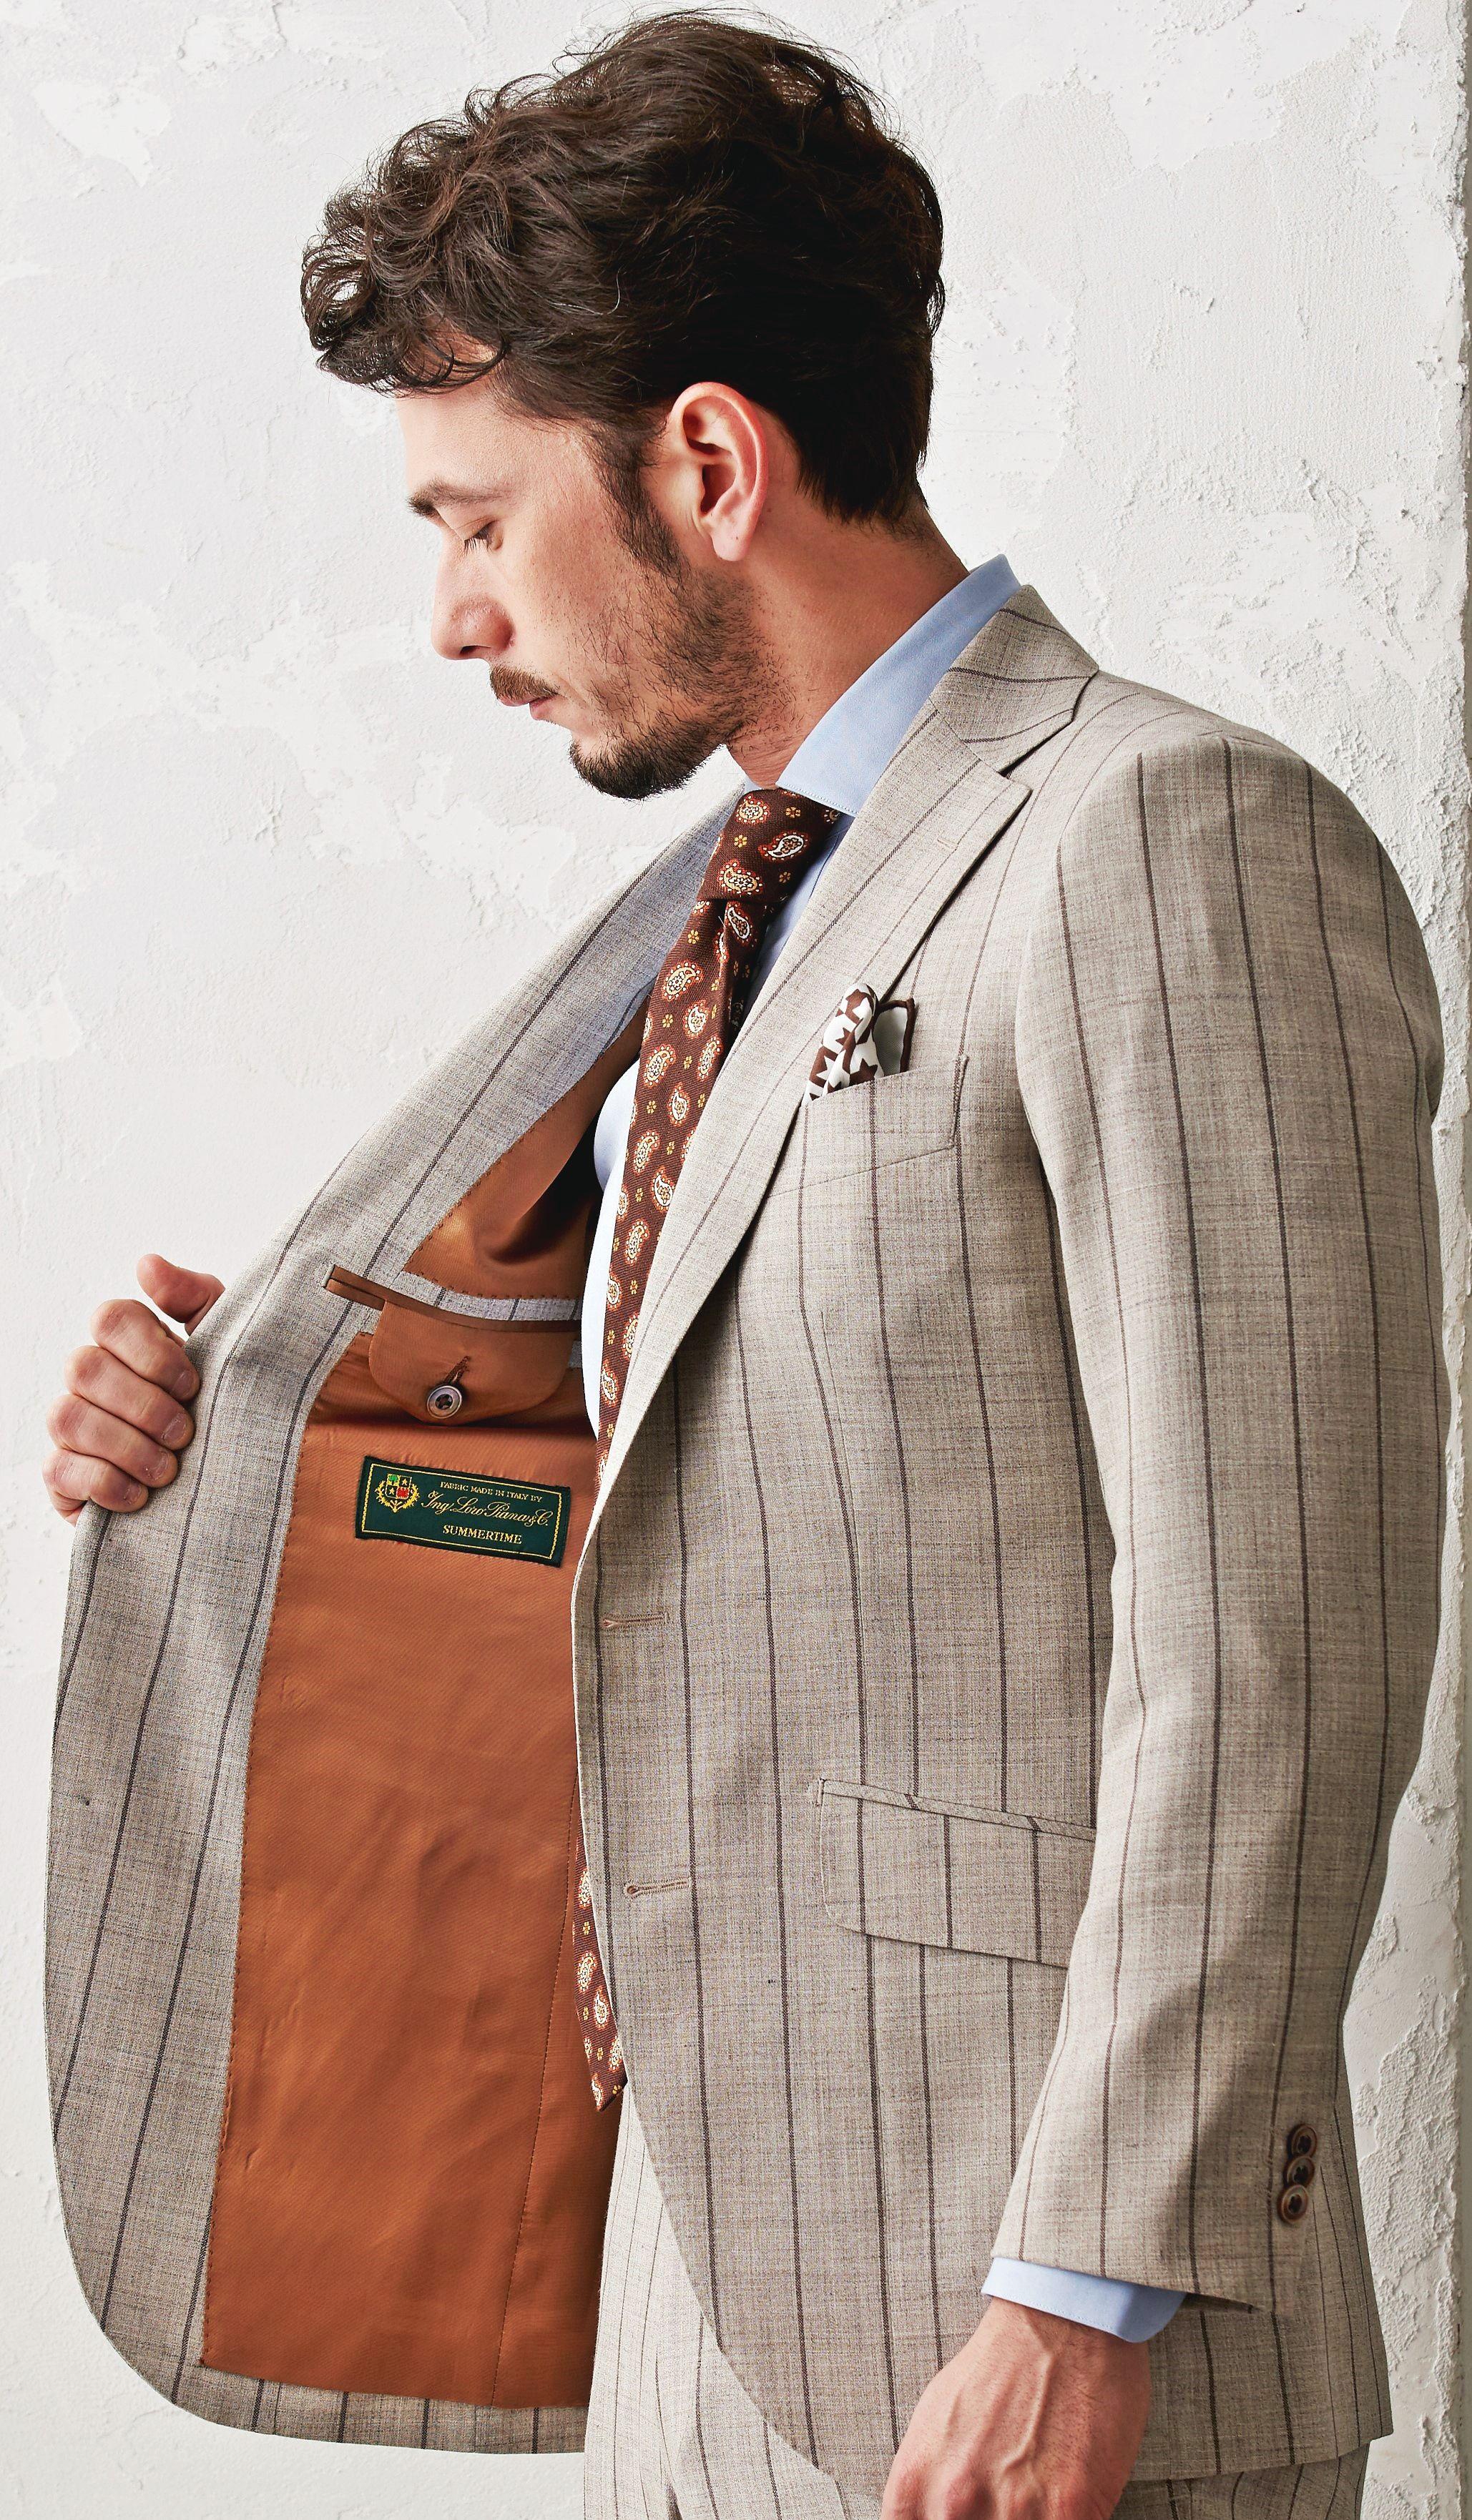 """カジュアルな""""ベージュ""""のスーツ。幅広のストライプ柄でオシャレに。裏地にもこだわりを。スーツ生地:ロロ・ピアーナ #fashion #ファッション #suit #スーツ #グローバルスタイル #globalstyle #オーダースーツ"""